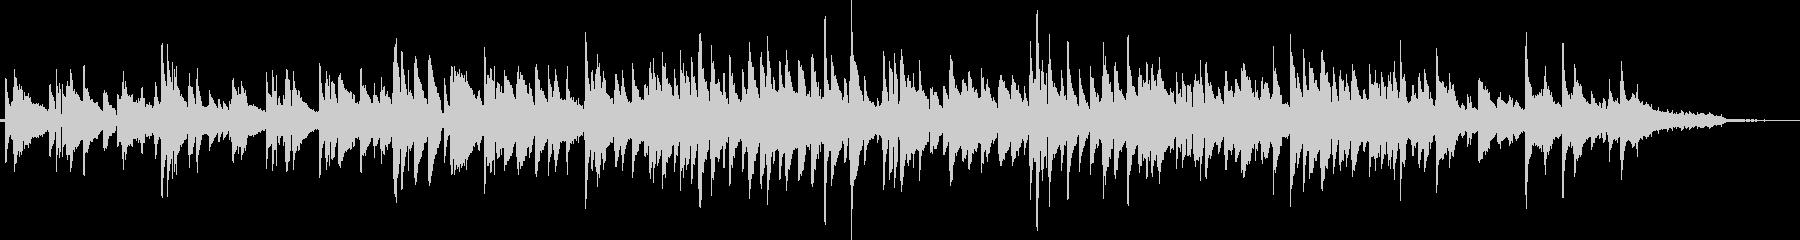 ギターデュオによるしっとりしたボサノバの未再生の波形